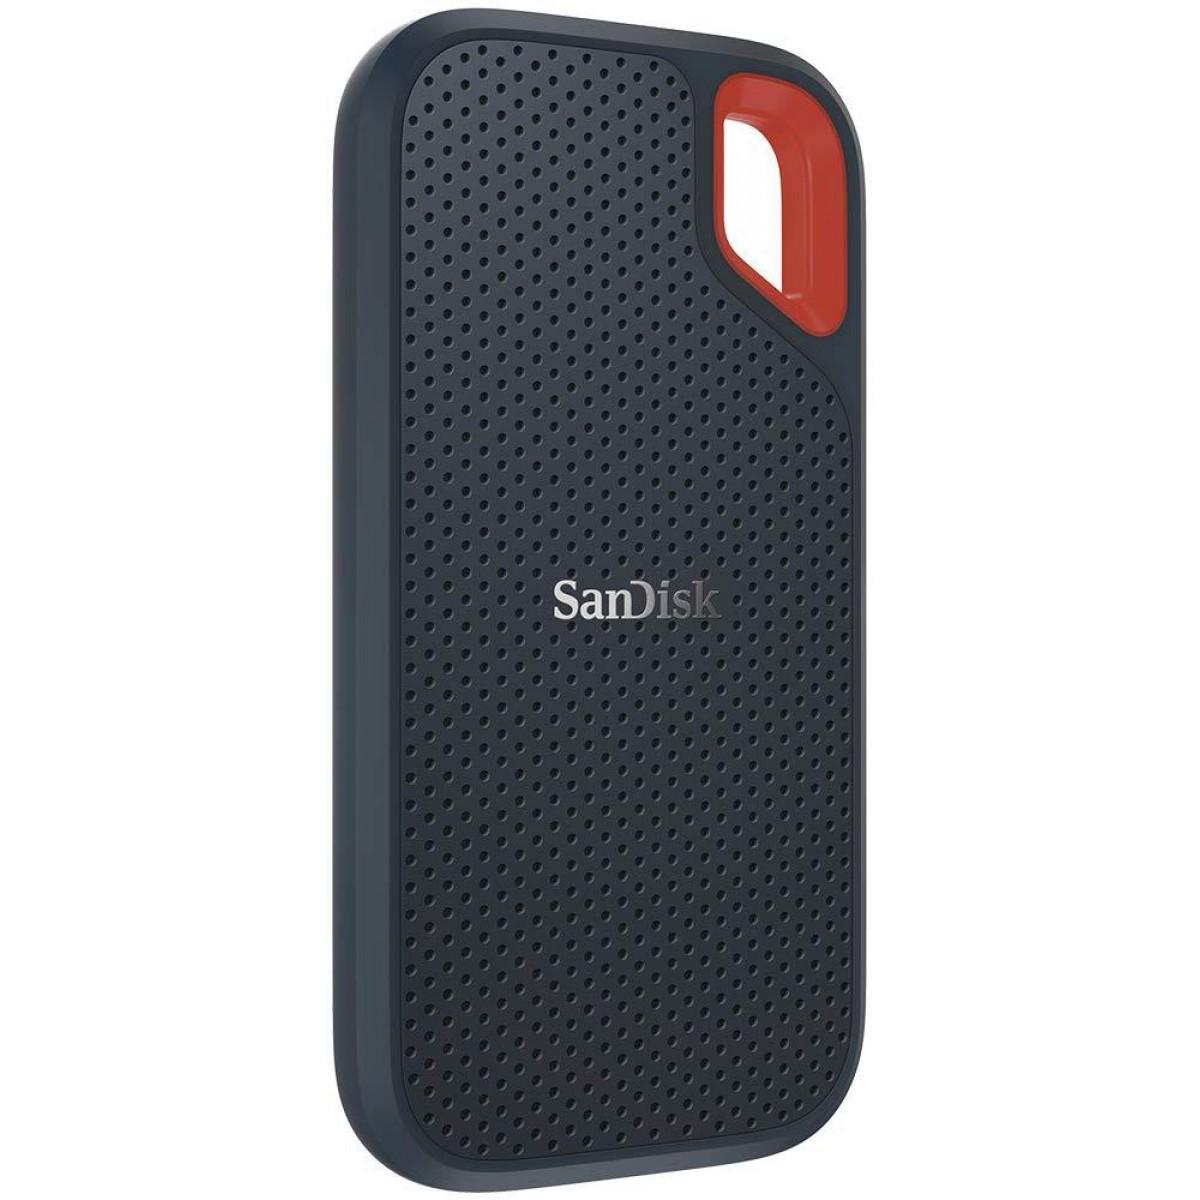 SSD Externo Portátil Sandisk Extreme 1TB, Leitura 550MB/s, SDSSDE60−1T00−G25